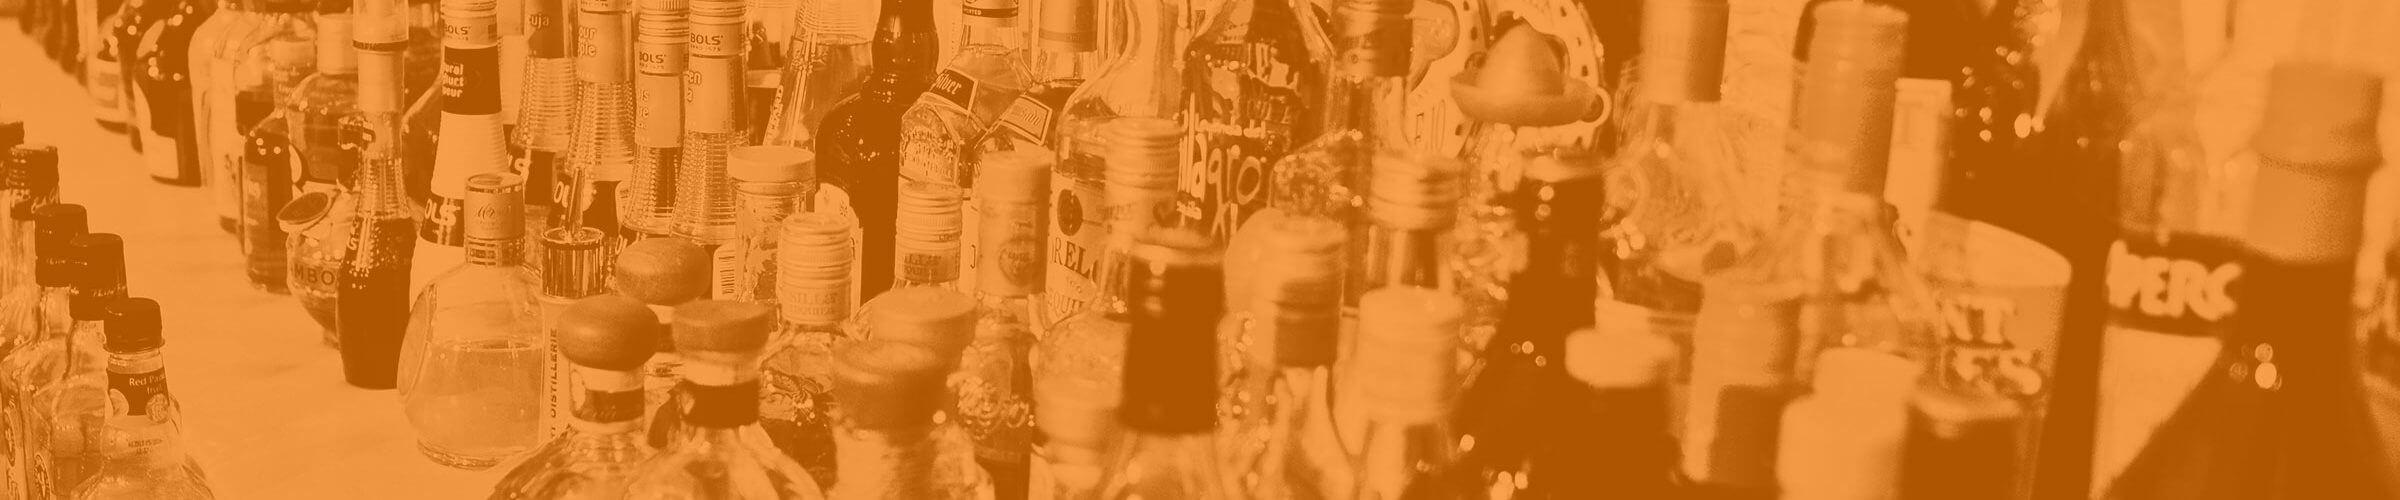 Gutscheine für Tastings und Cocktailkurse verschenken!